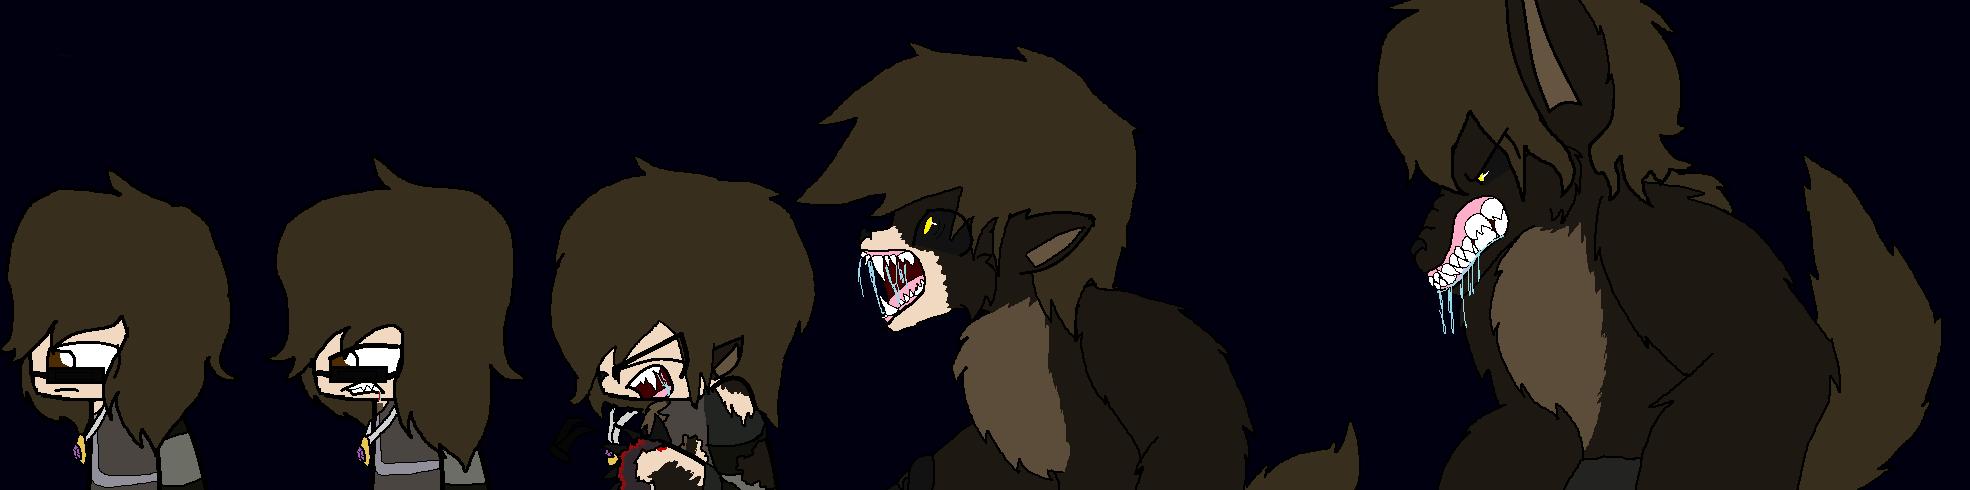 Sky's Werewolf Transformation by CandySugarSkullGirl9 on ...